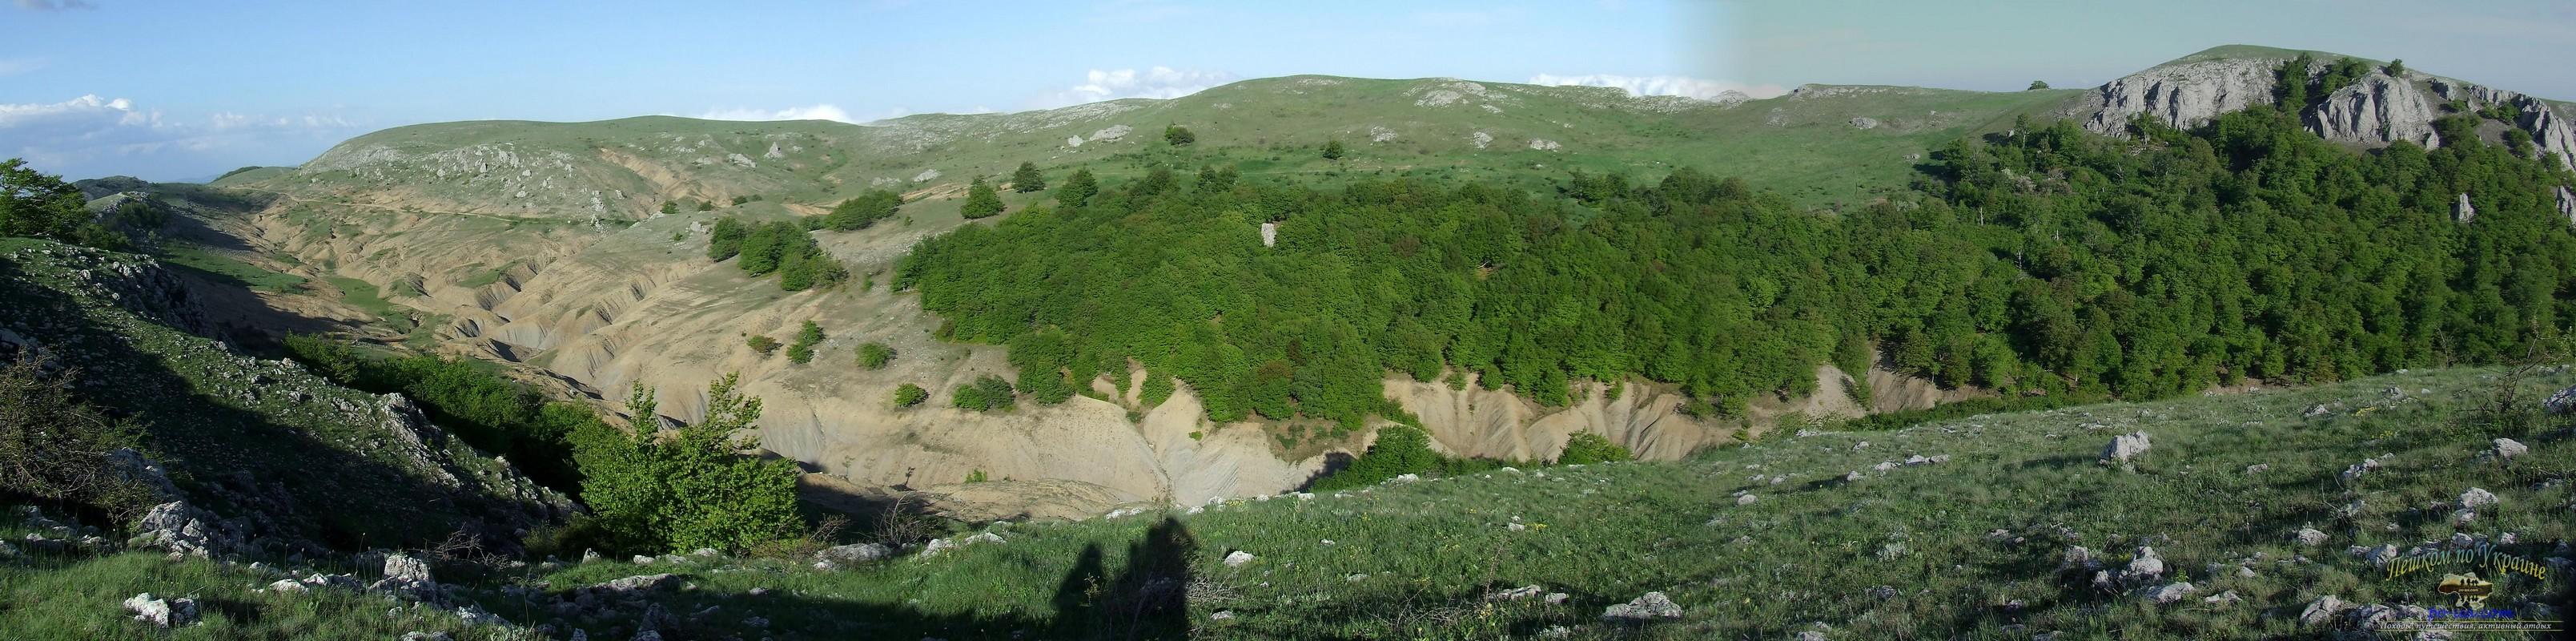 Ущелье Чигенитра